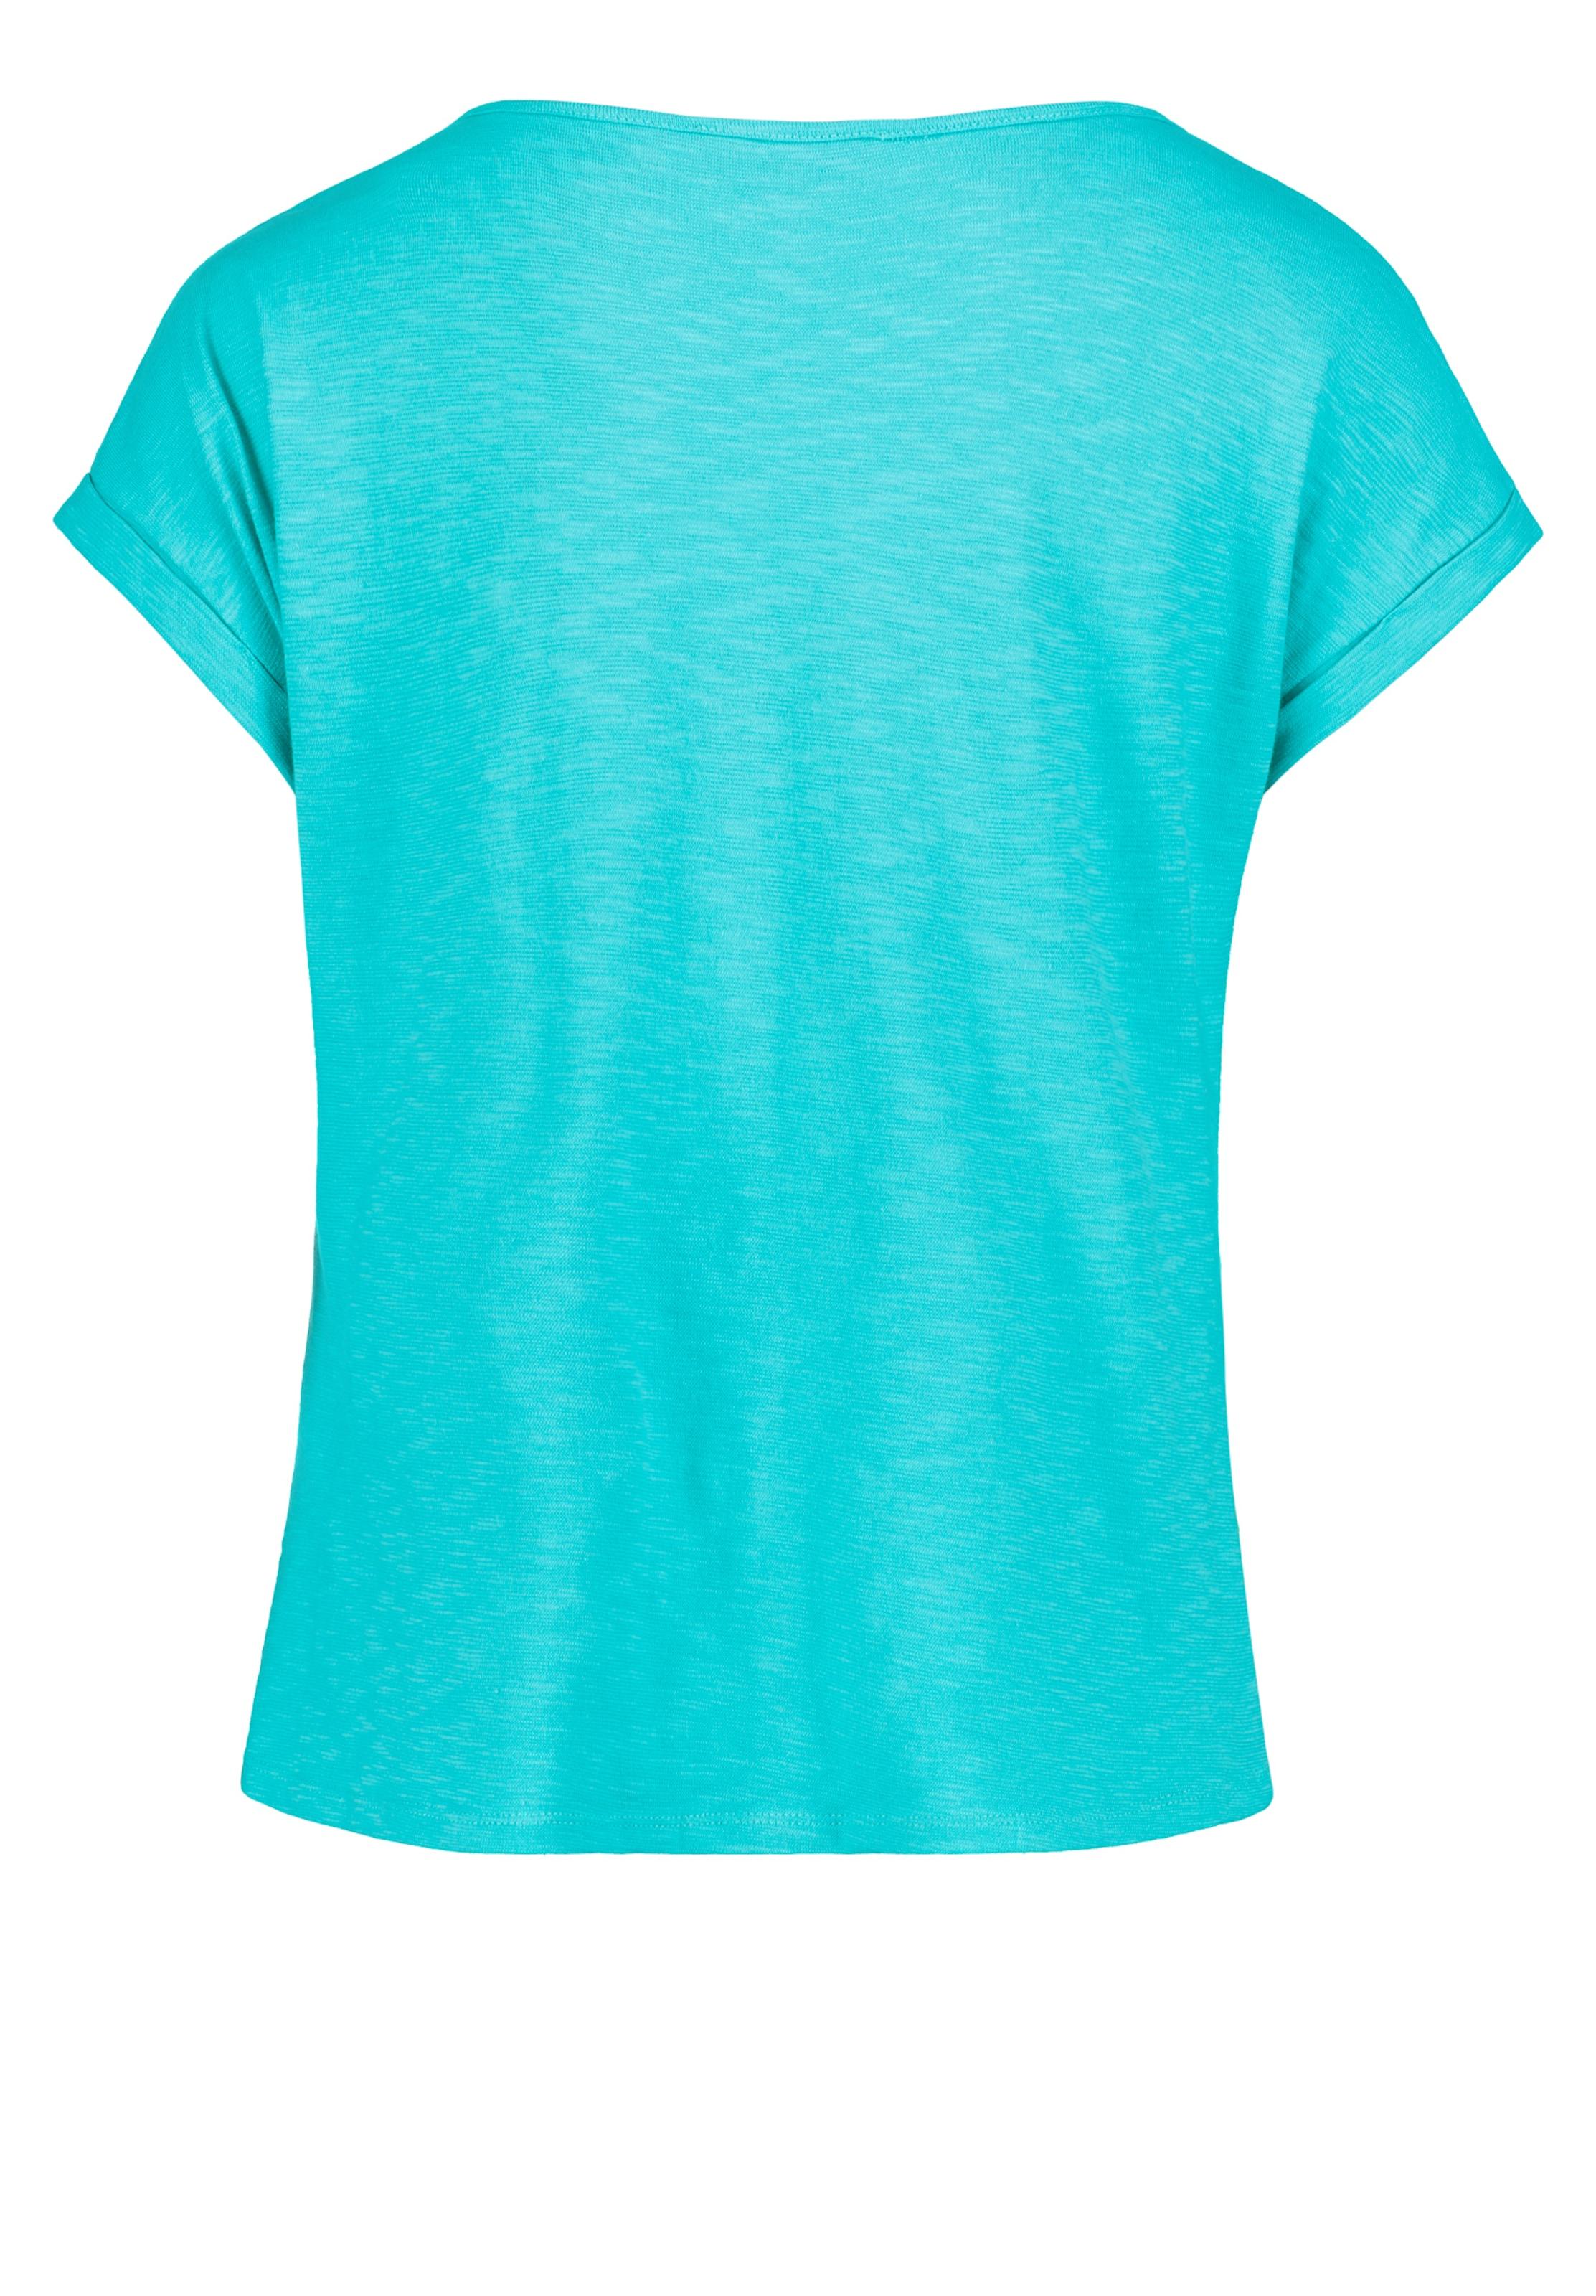 Shirt Shirt In In Barclay TürkisMischfarben Betty Barclay TürkisMischfarben Betty Betty Barclay xorCedB